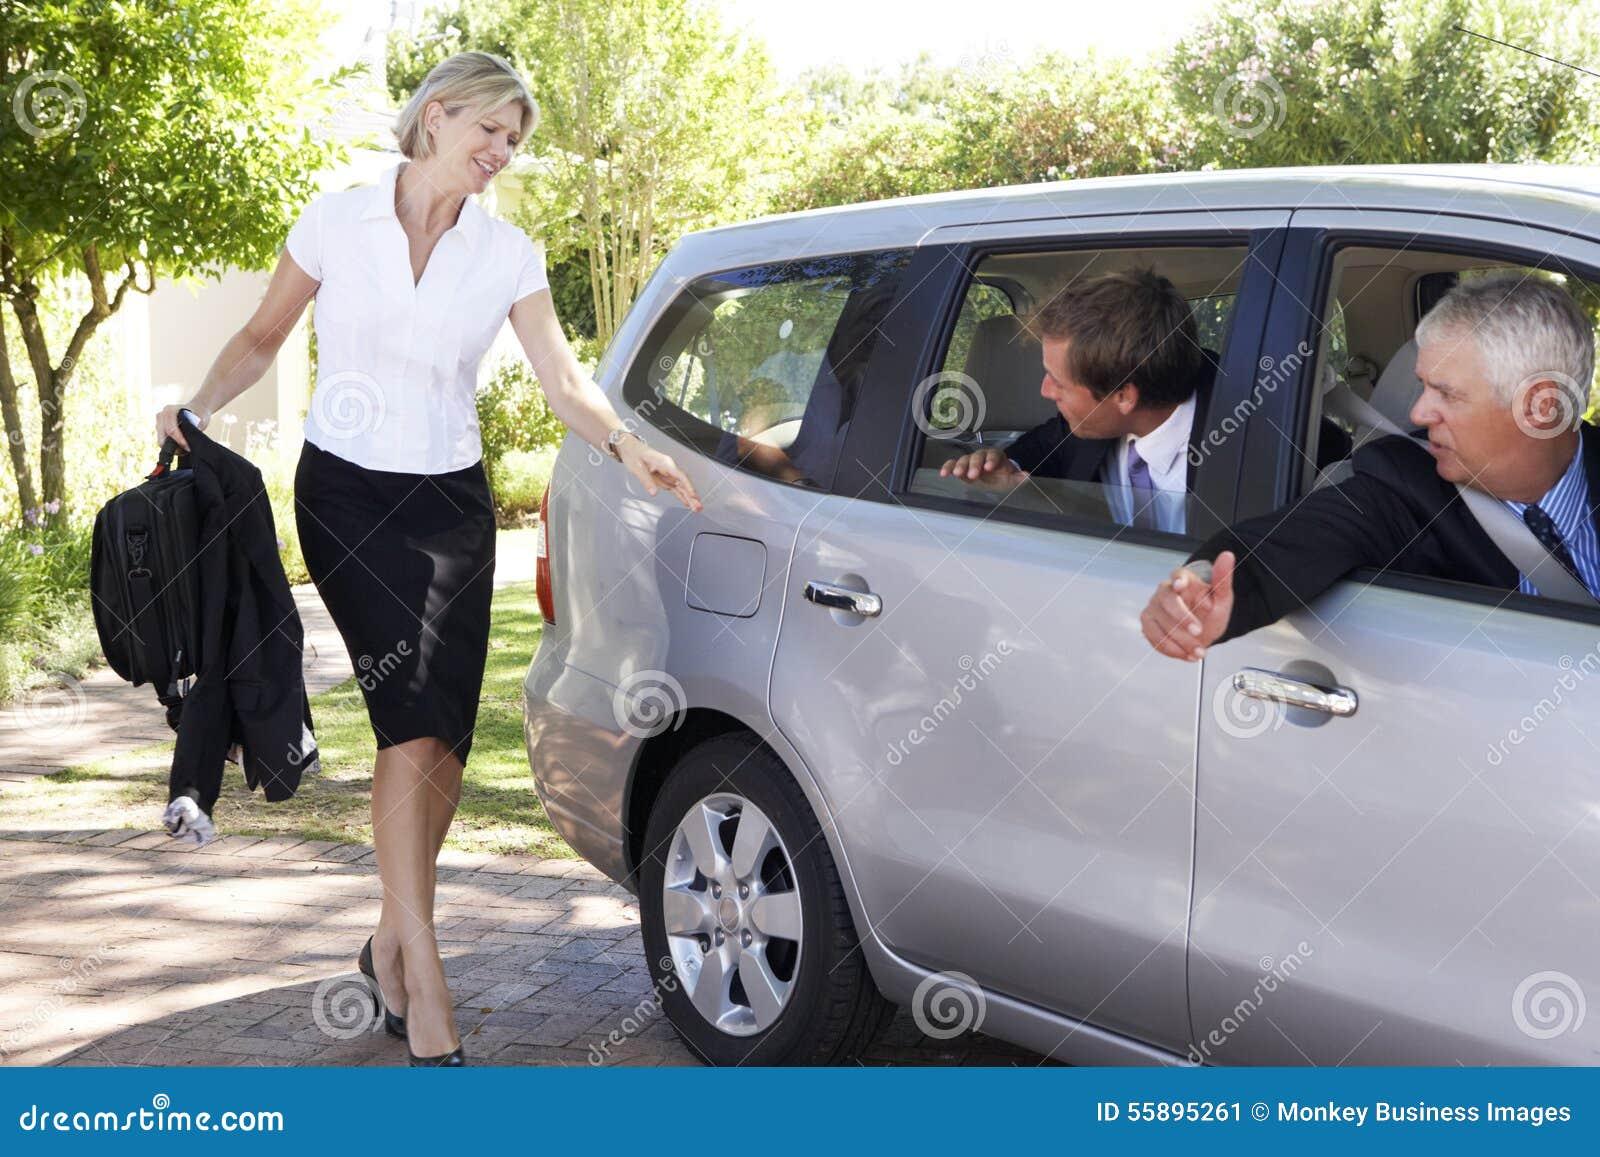 后跑的女实业家遇见合并旅途的同事汽车入工作